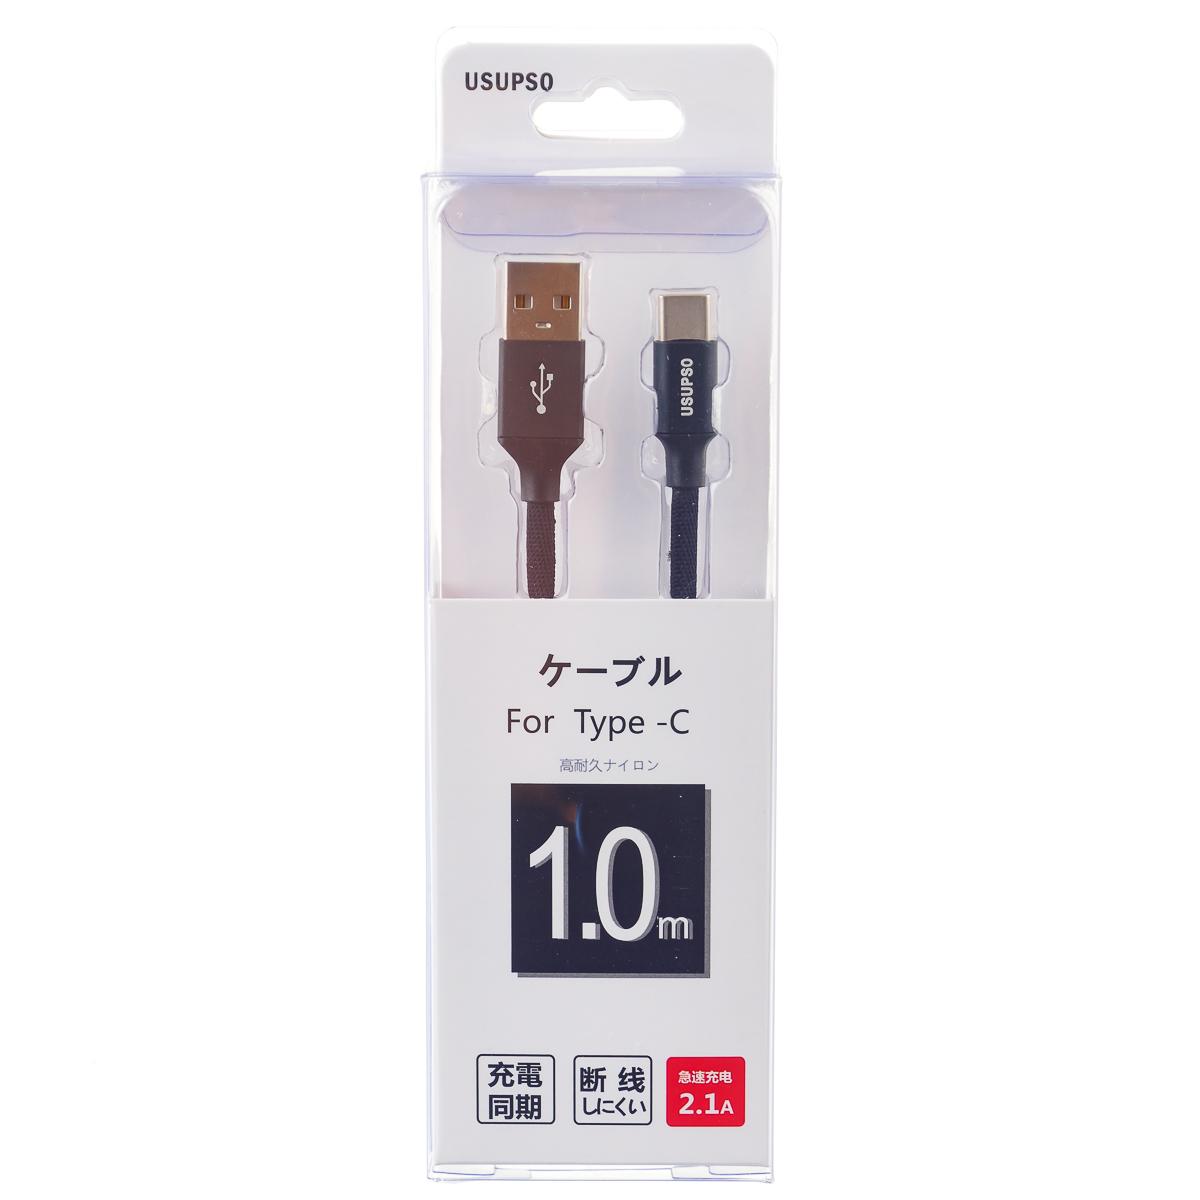 Дата-кабель Type-C золотой и черный 1 м